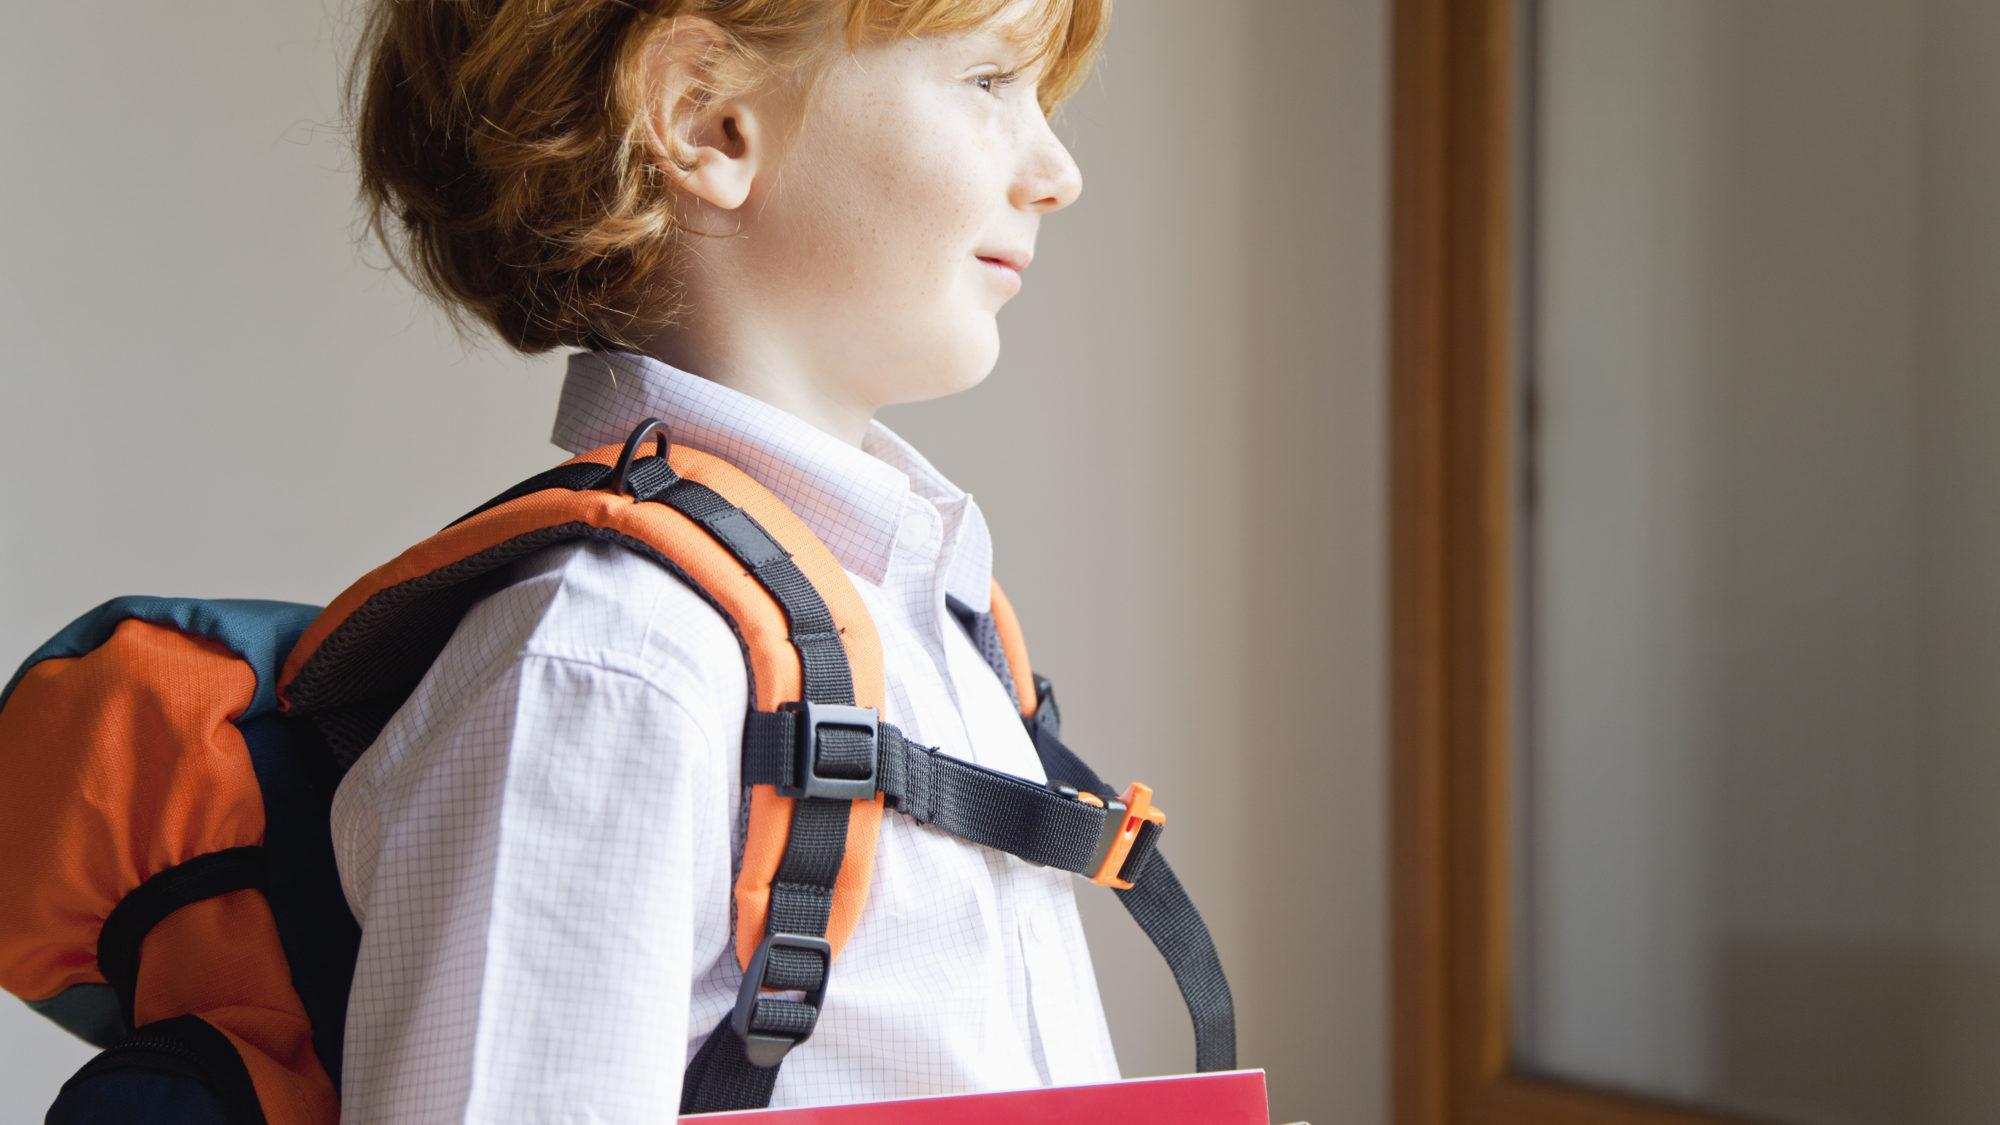 Primeiro dia de escola sem sobressaltos